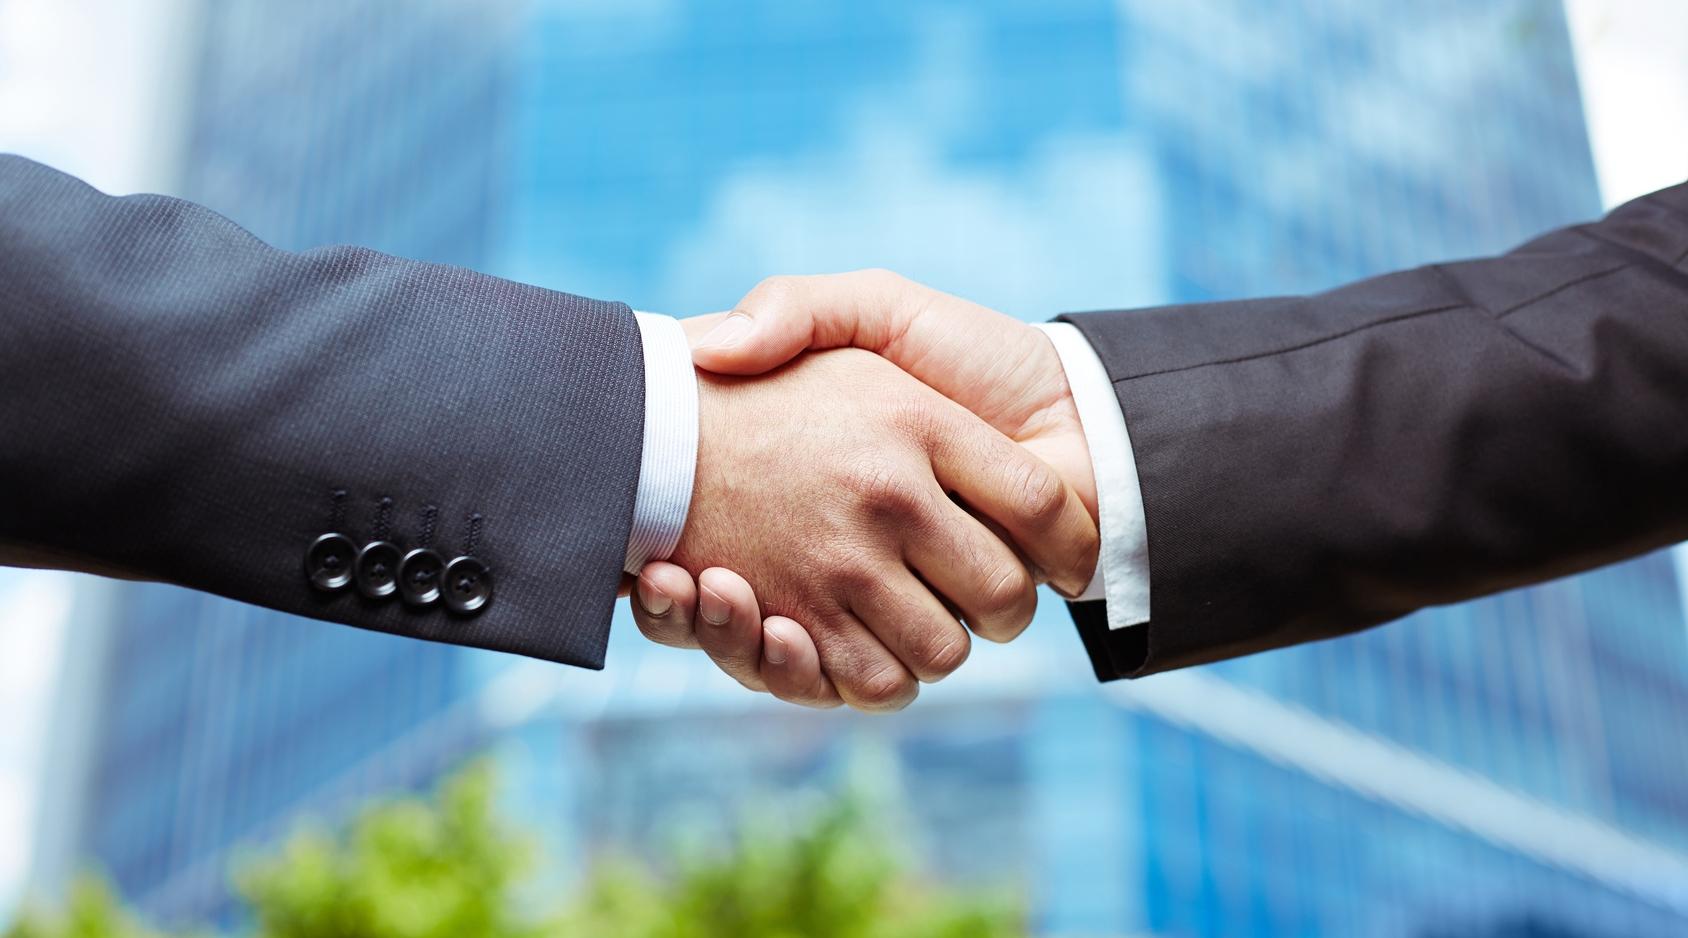 При заключении соглашения о взаимодействии важно учесть все обязанности сторон